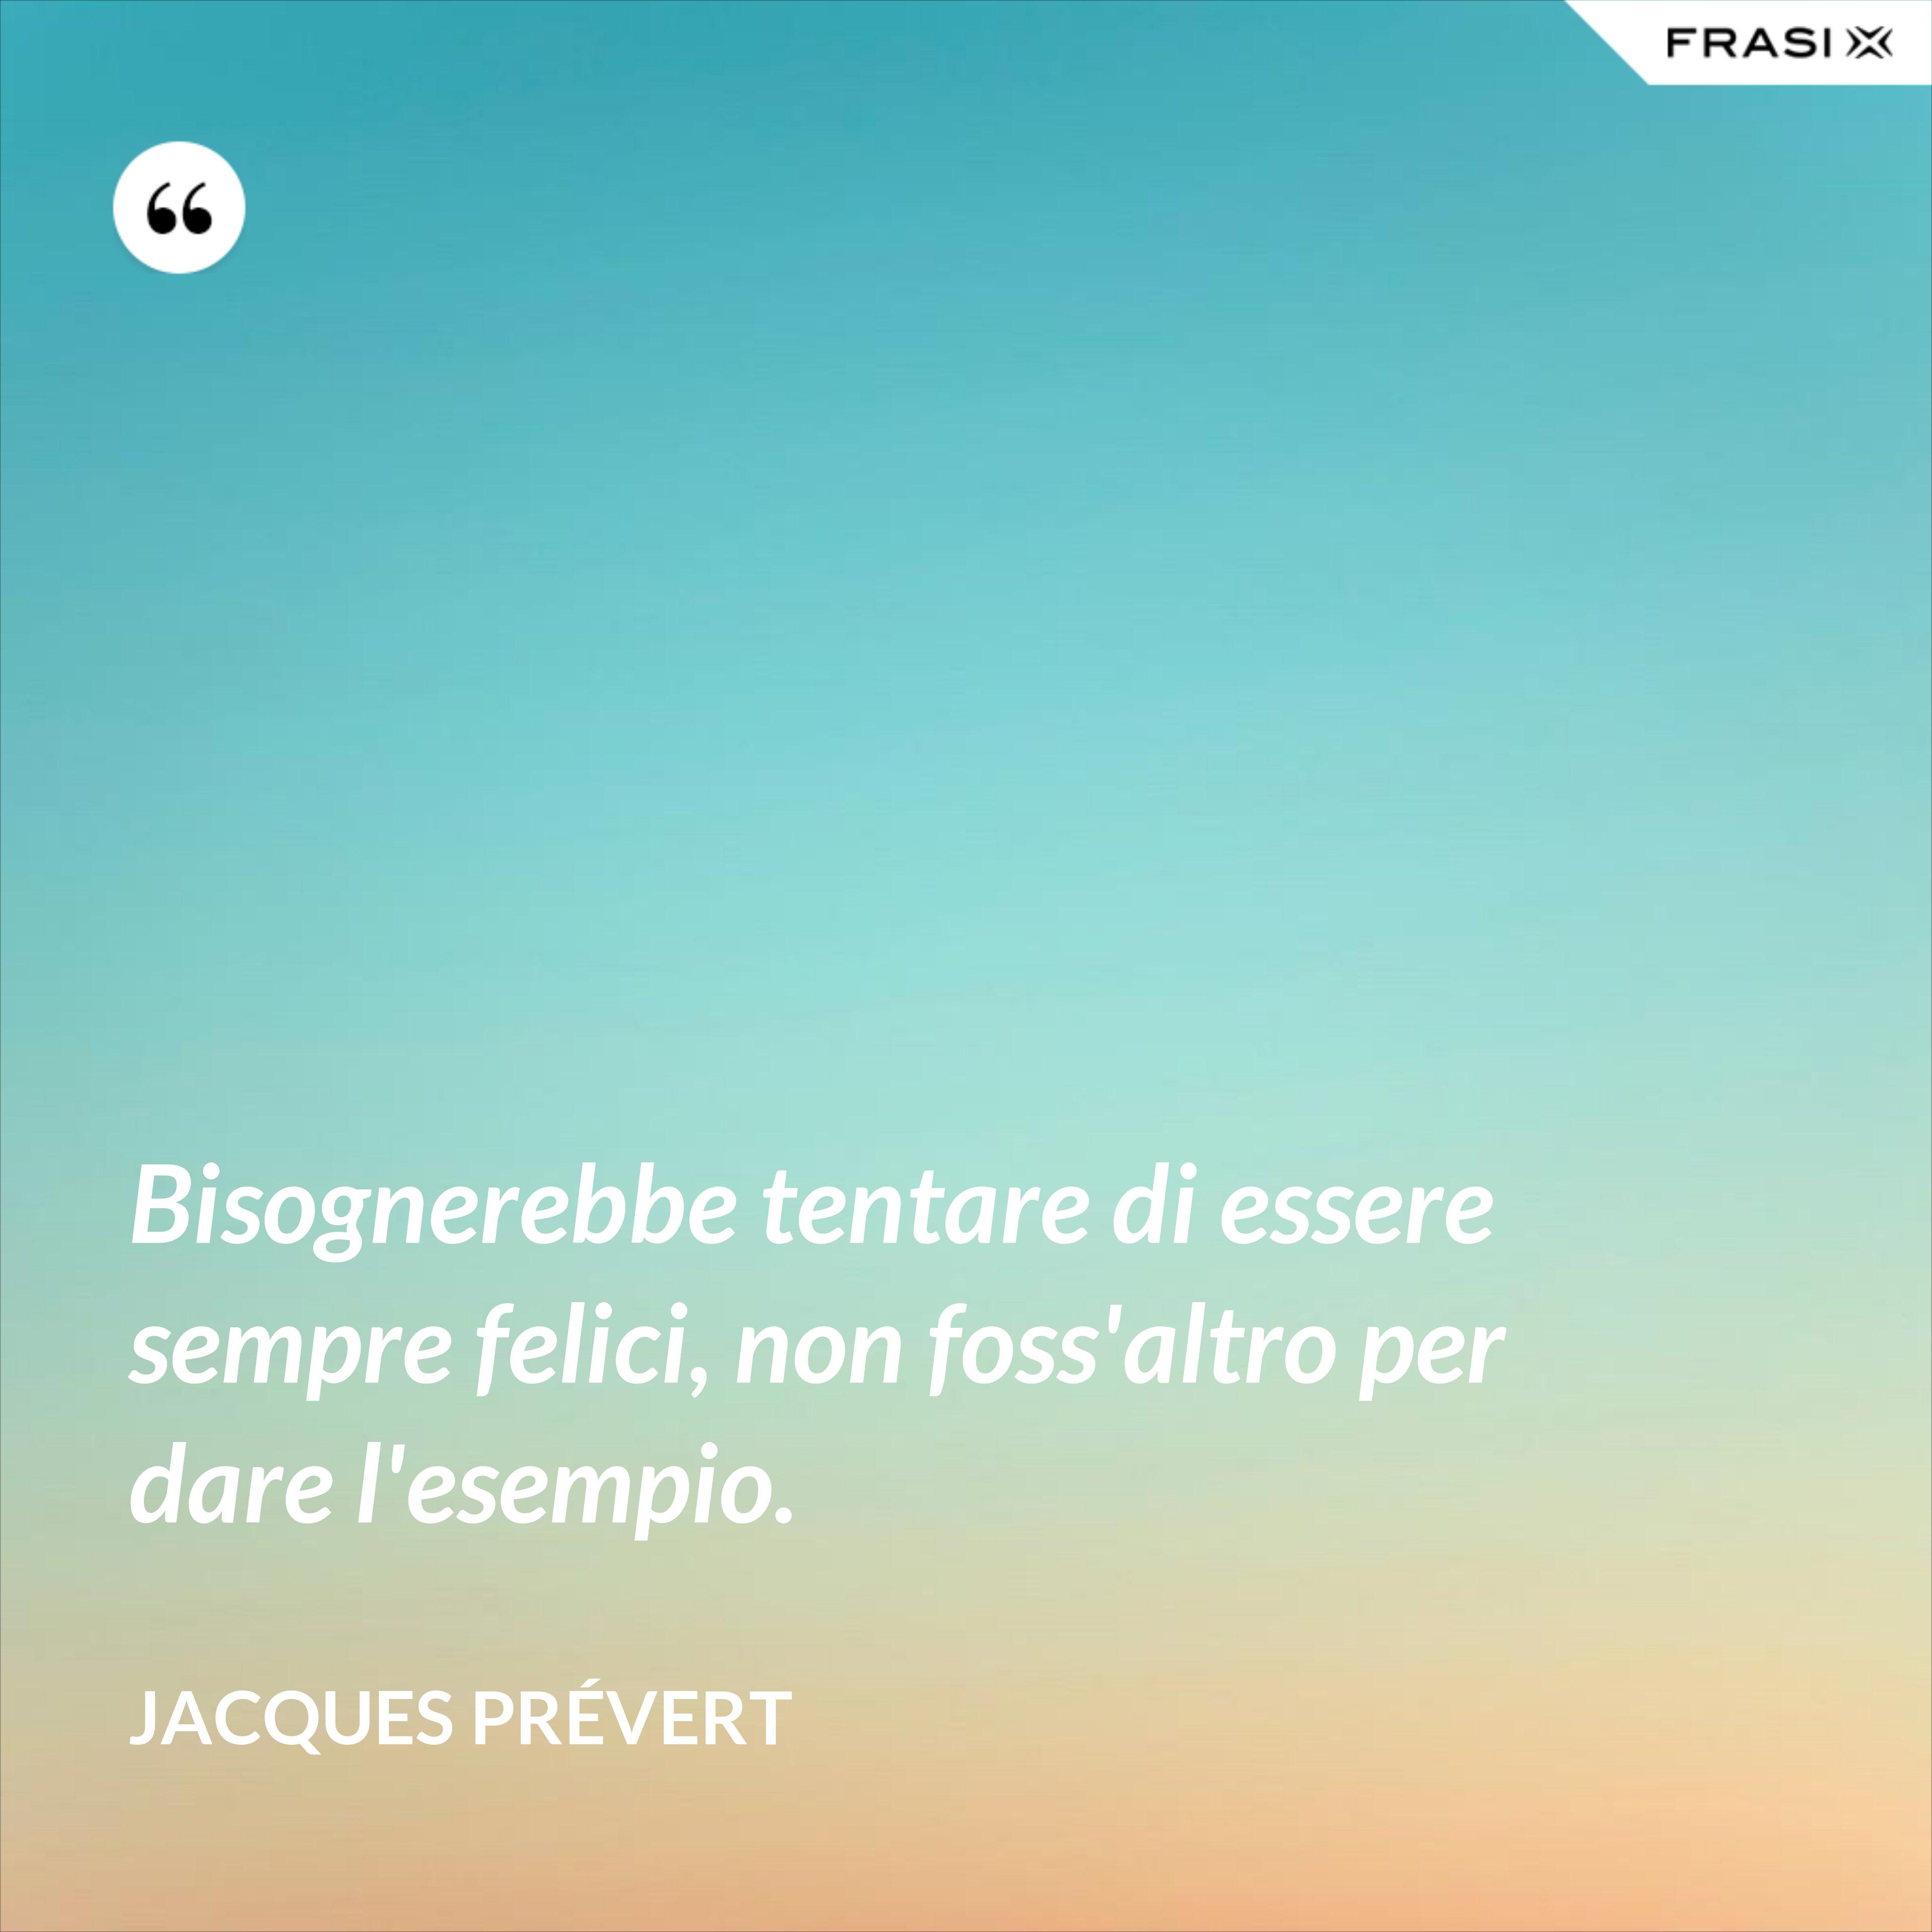 Bisognerebbe tentare di essere sempre felici, non foss'altro per dare l'esempio. - Jacques Prévert